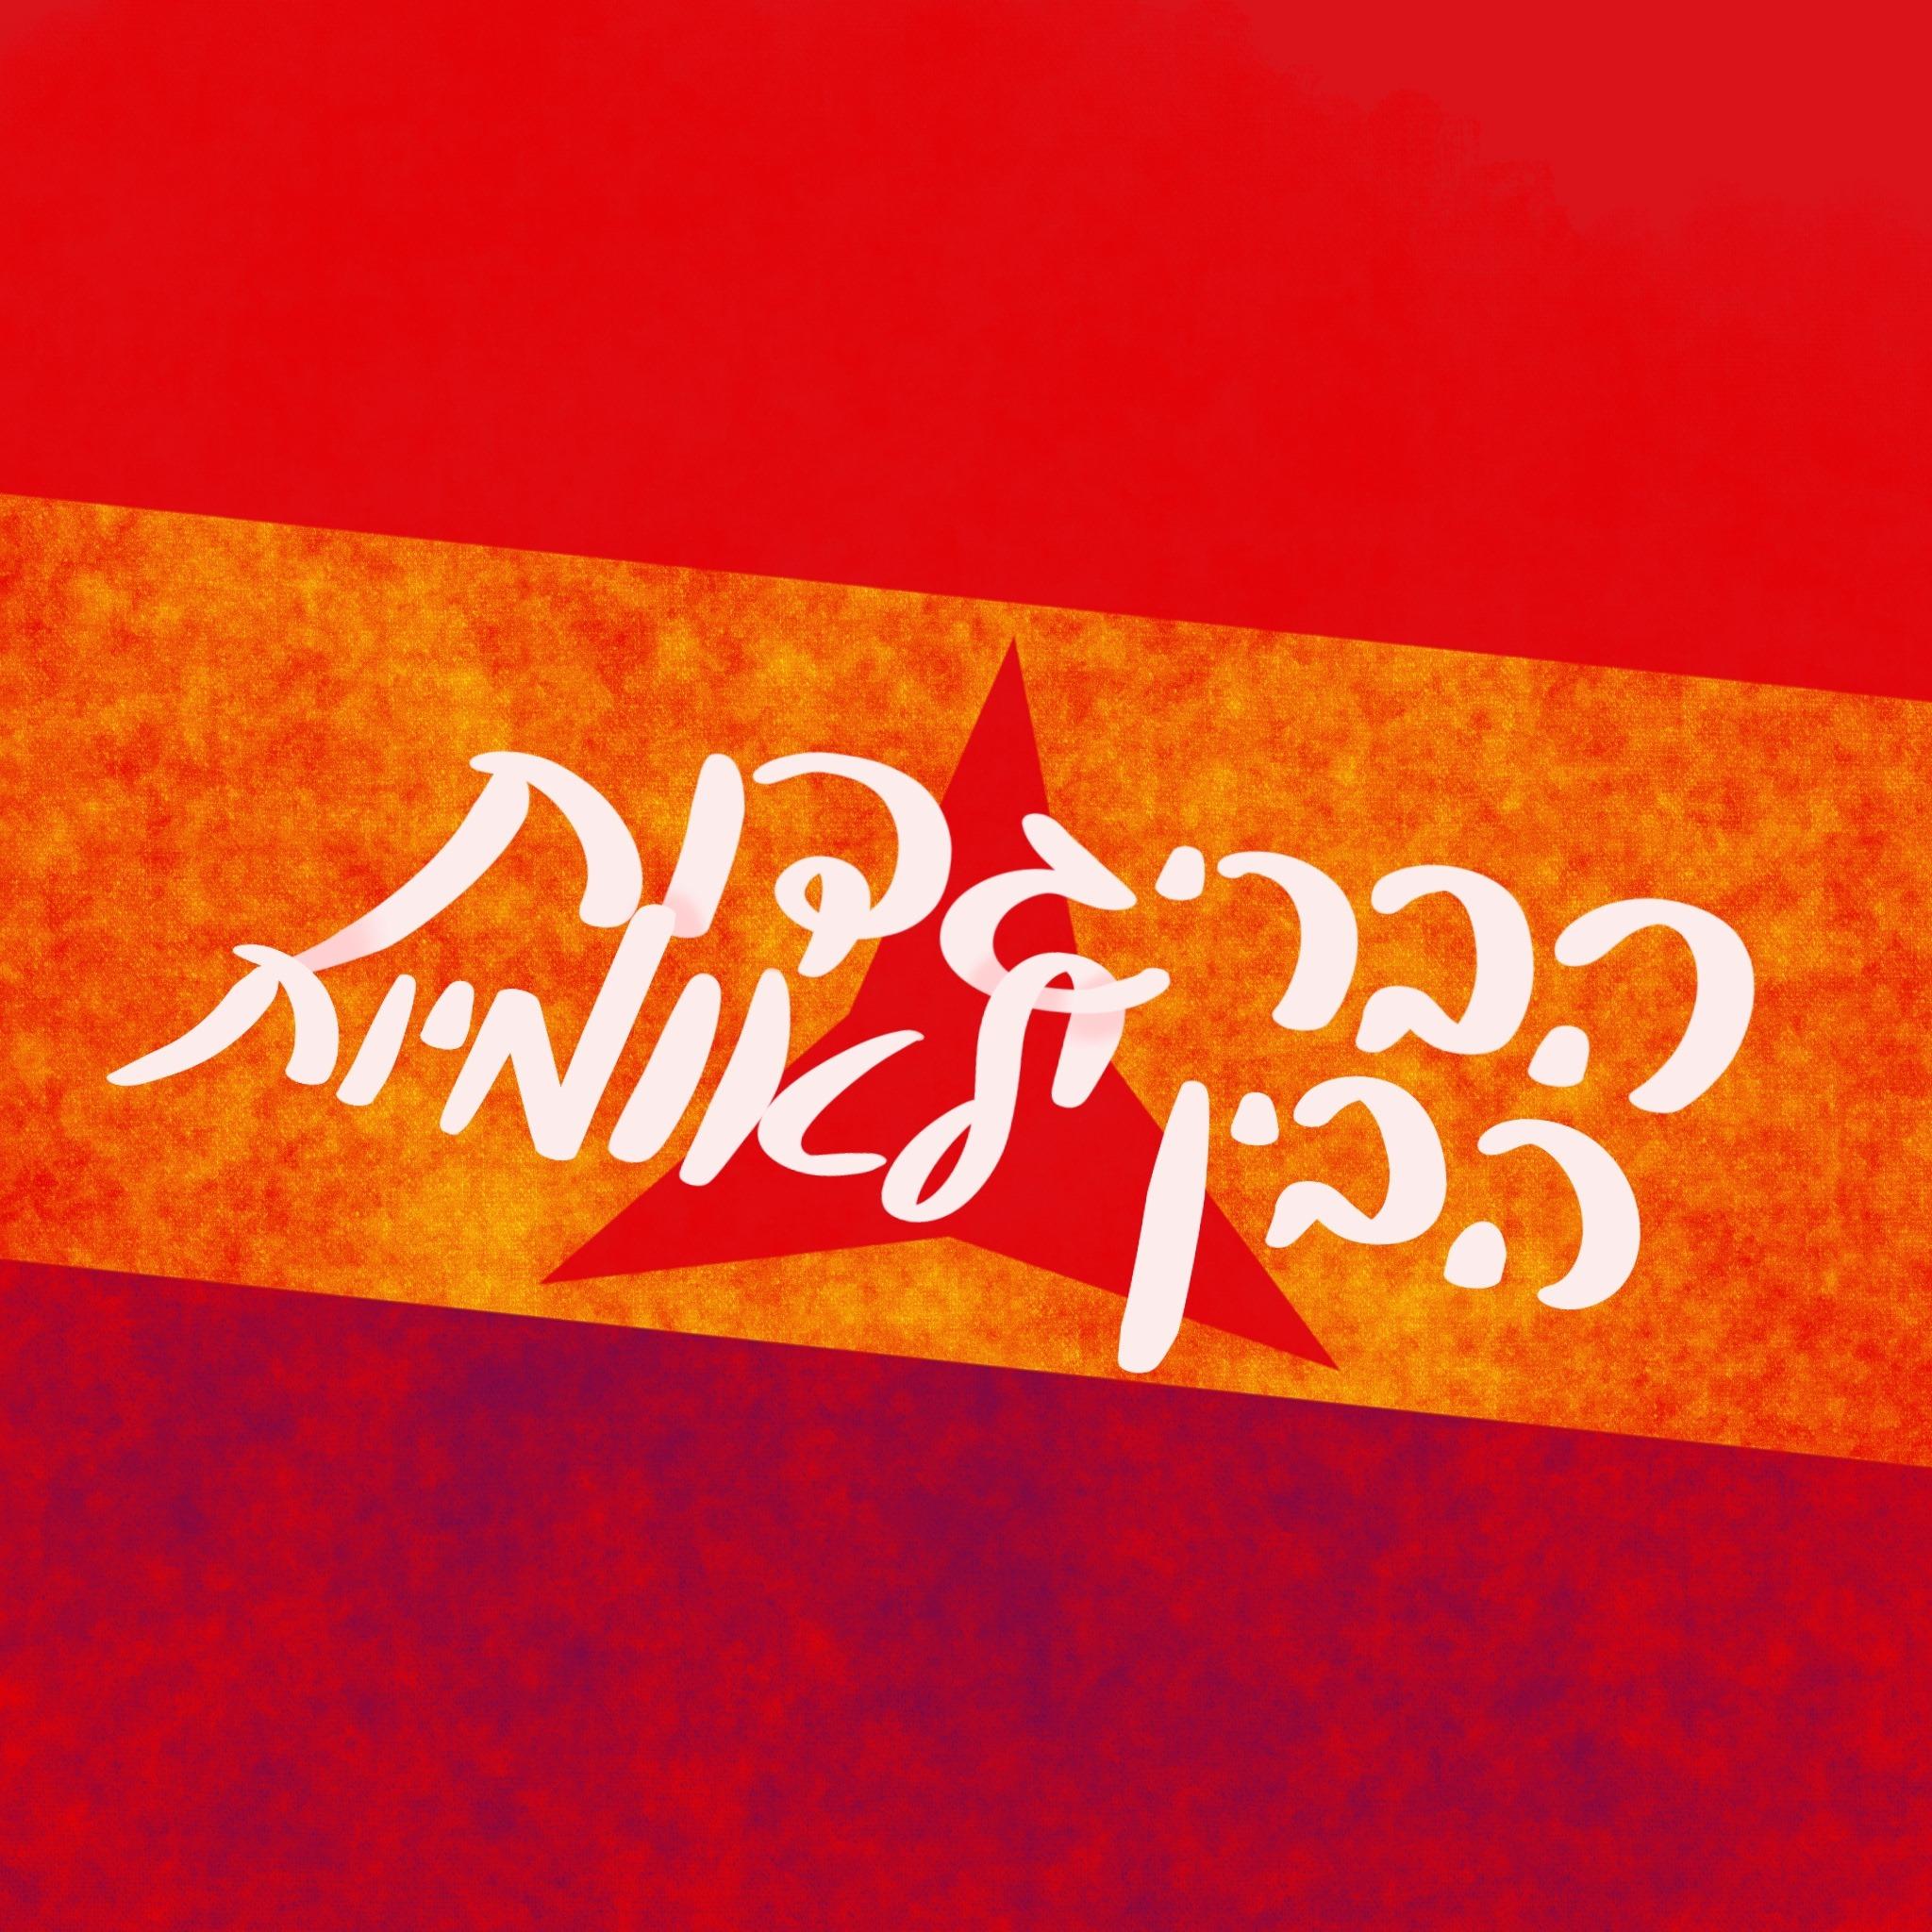 """26 בינואר 1996 הפרלמנט הספרדי מכריז על הענקת אזרחות ספרדית ללוחמי הבריגדות הבינ""""ל"""